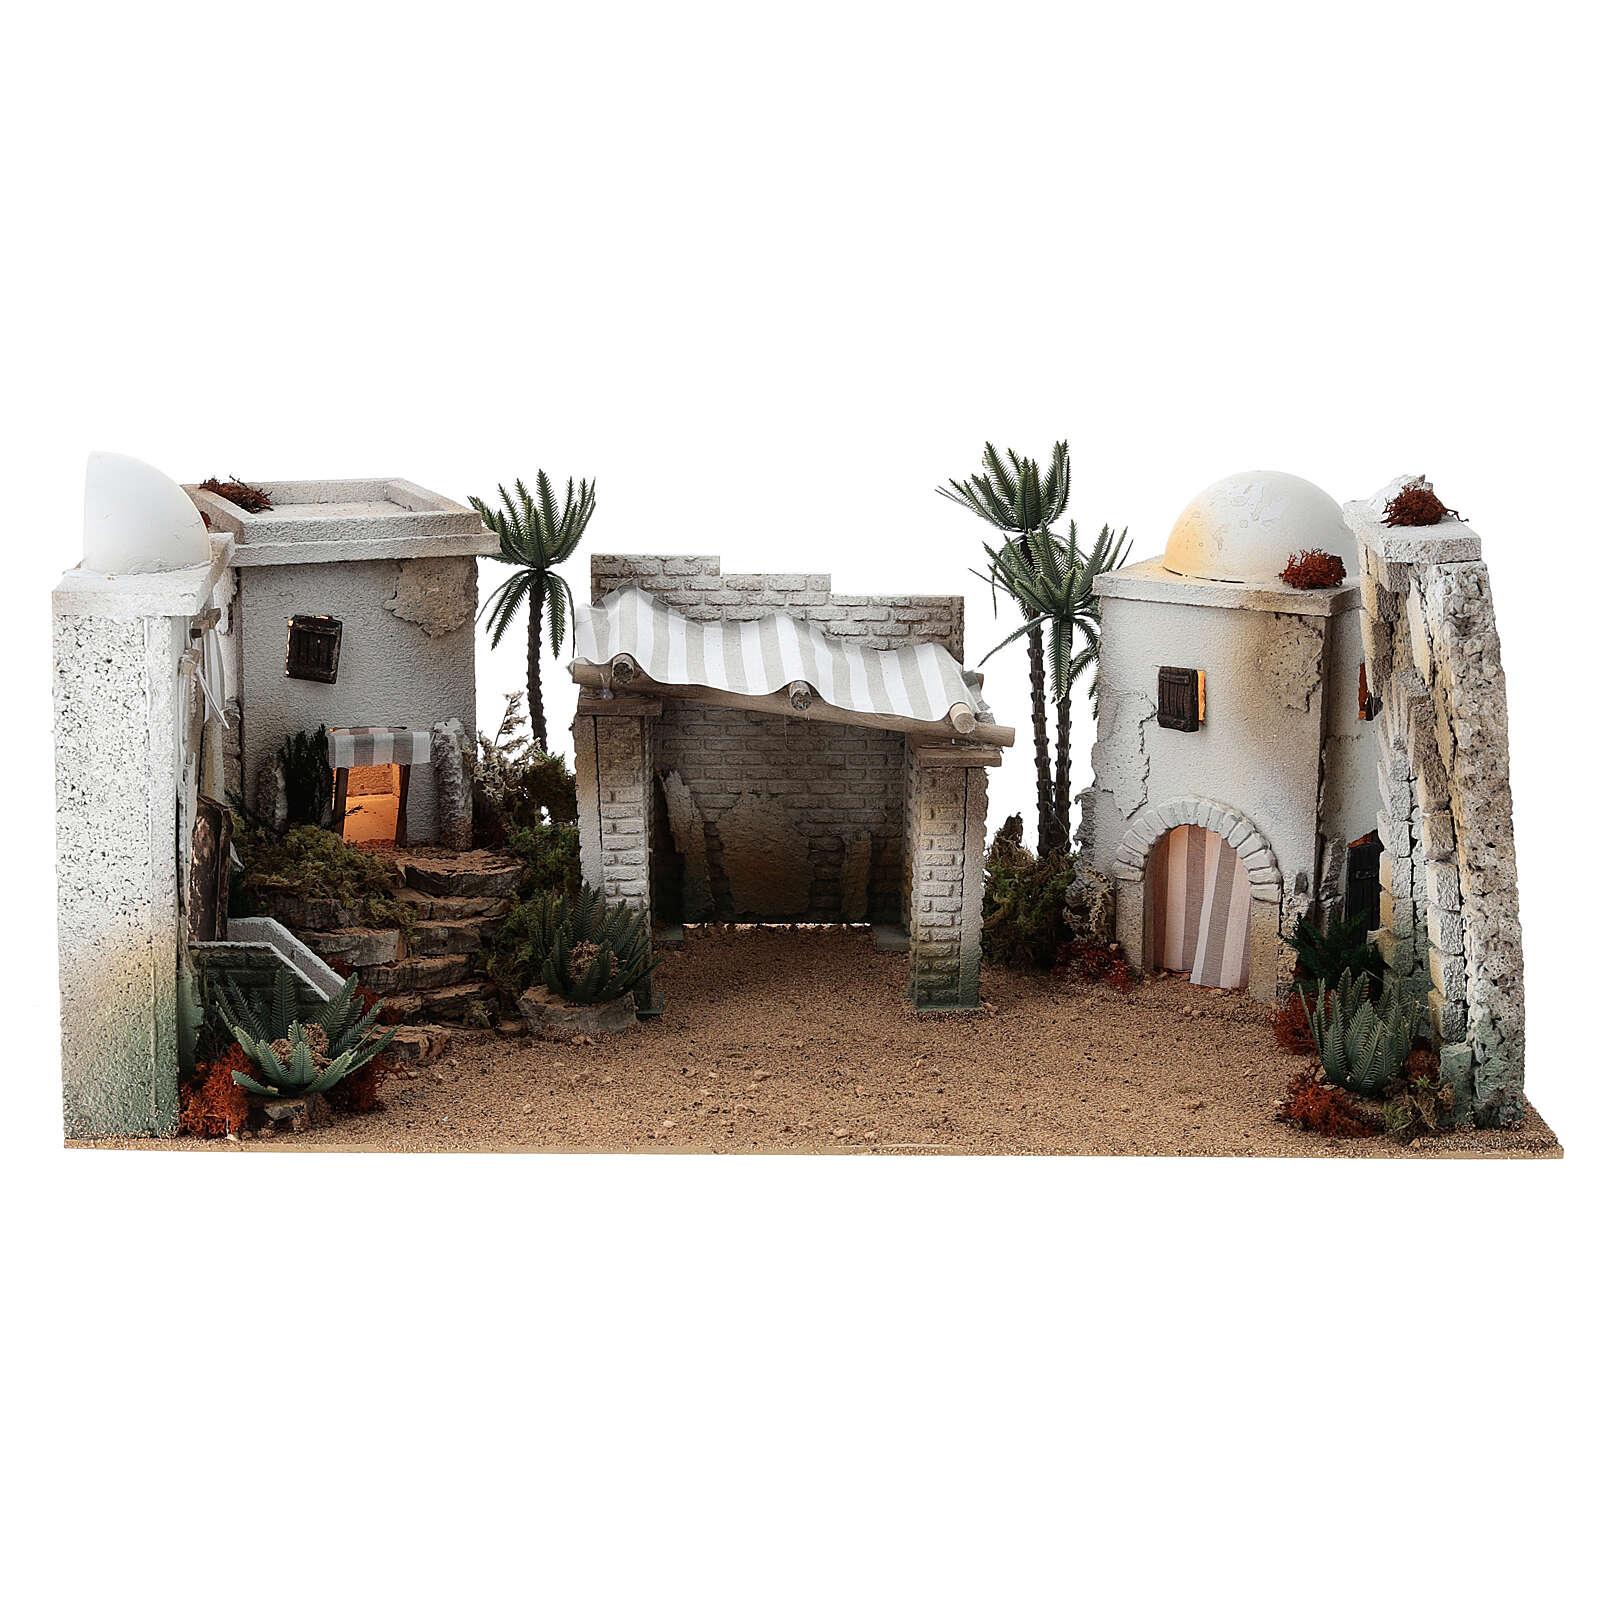 Composizione araba in sughero cupola e terrazzo 30x60x40 cm LATO DX 4